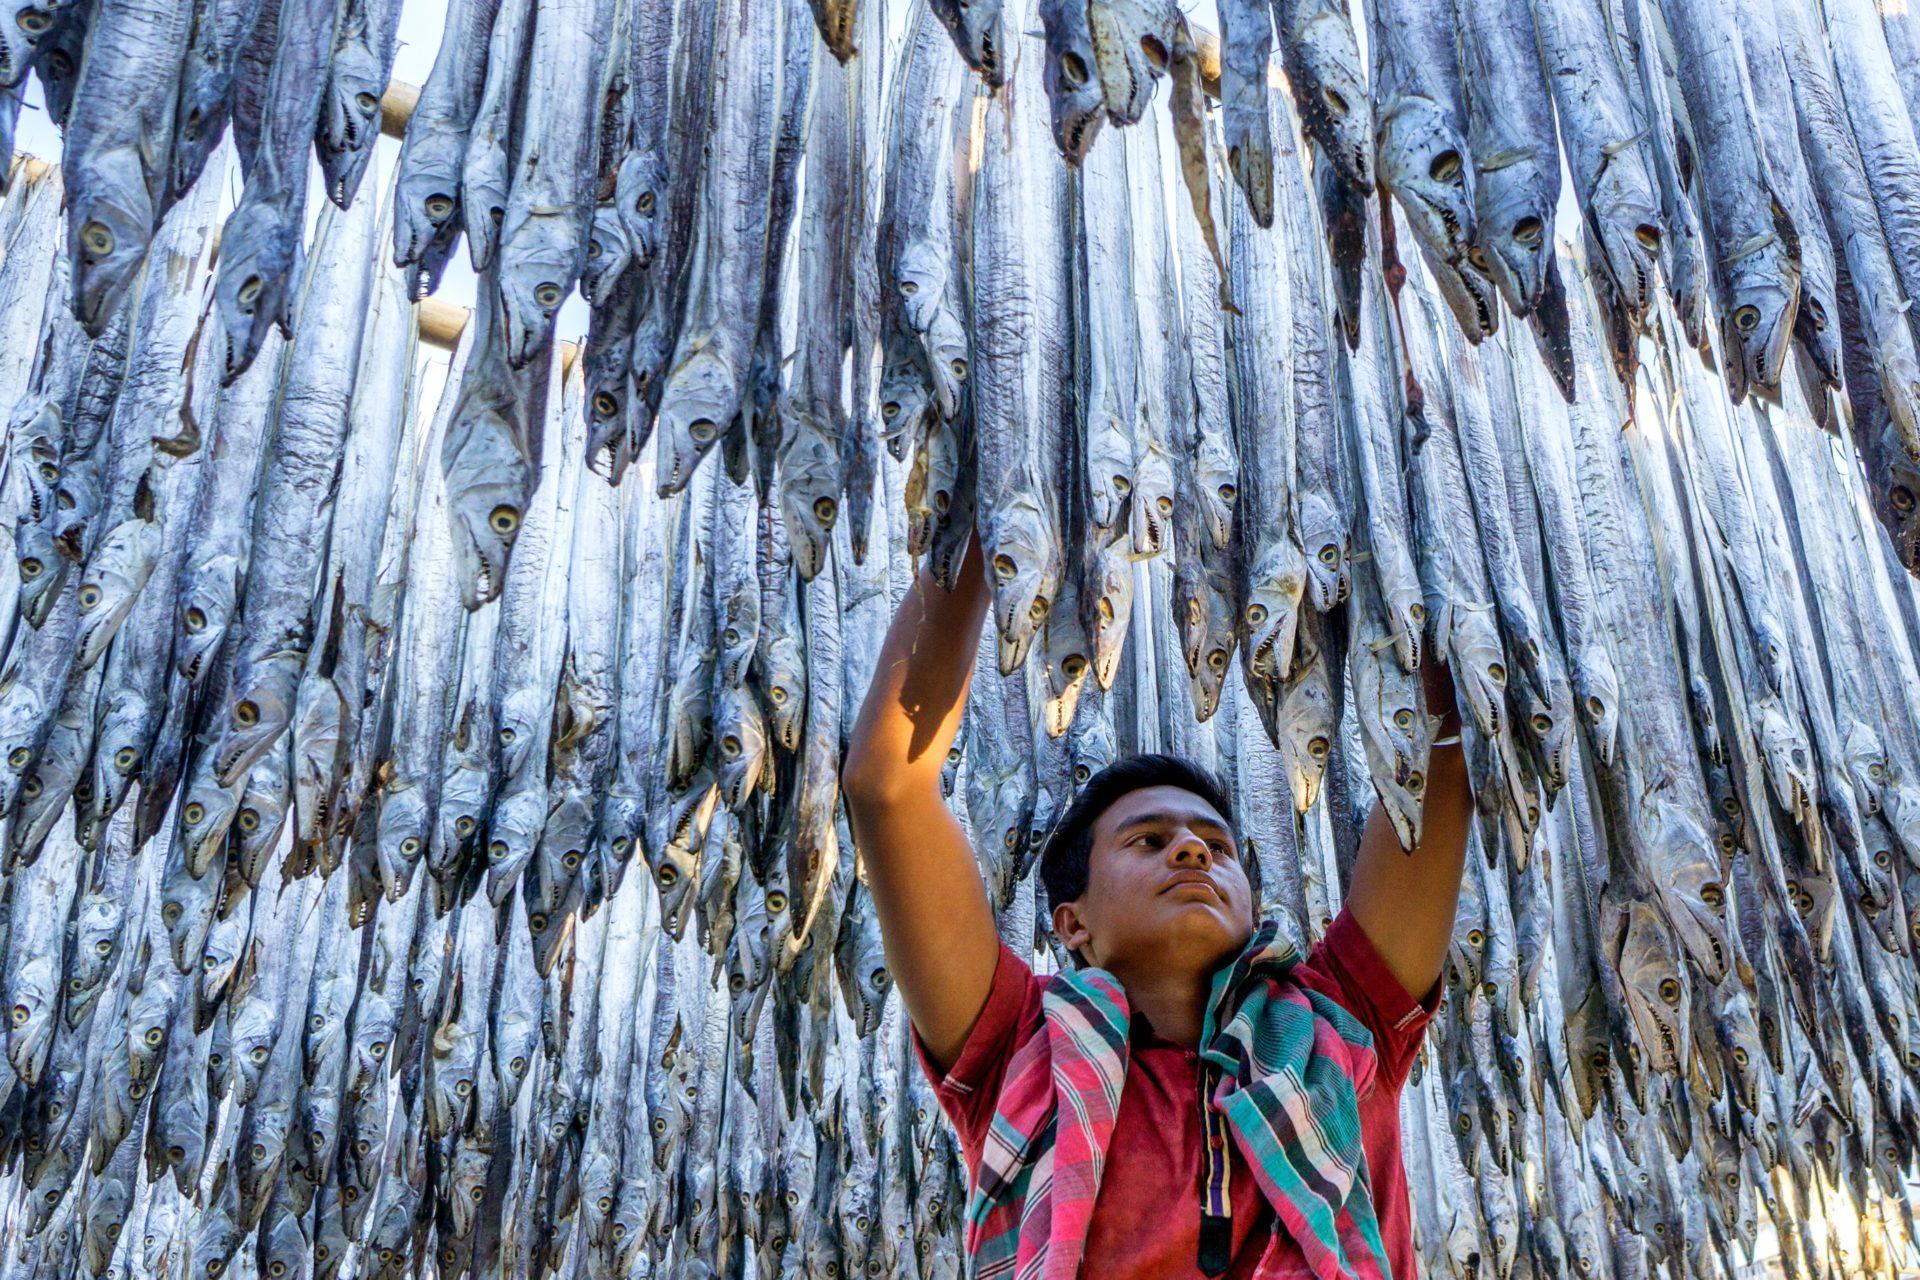 man hanging fish